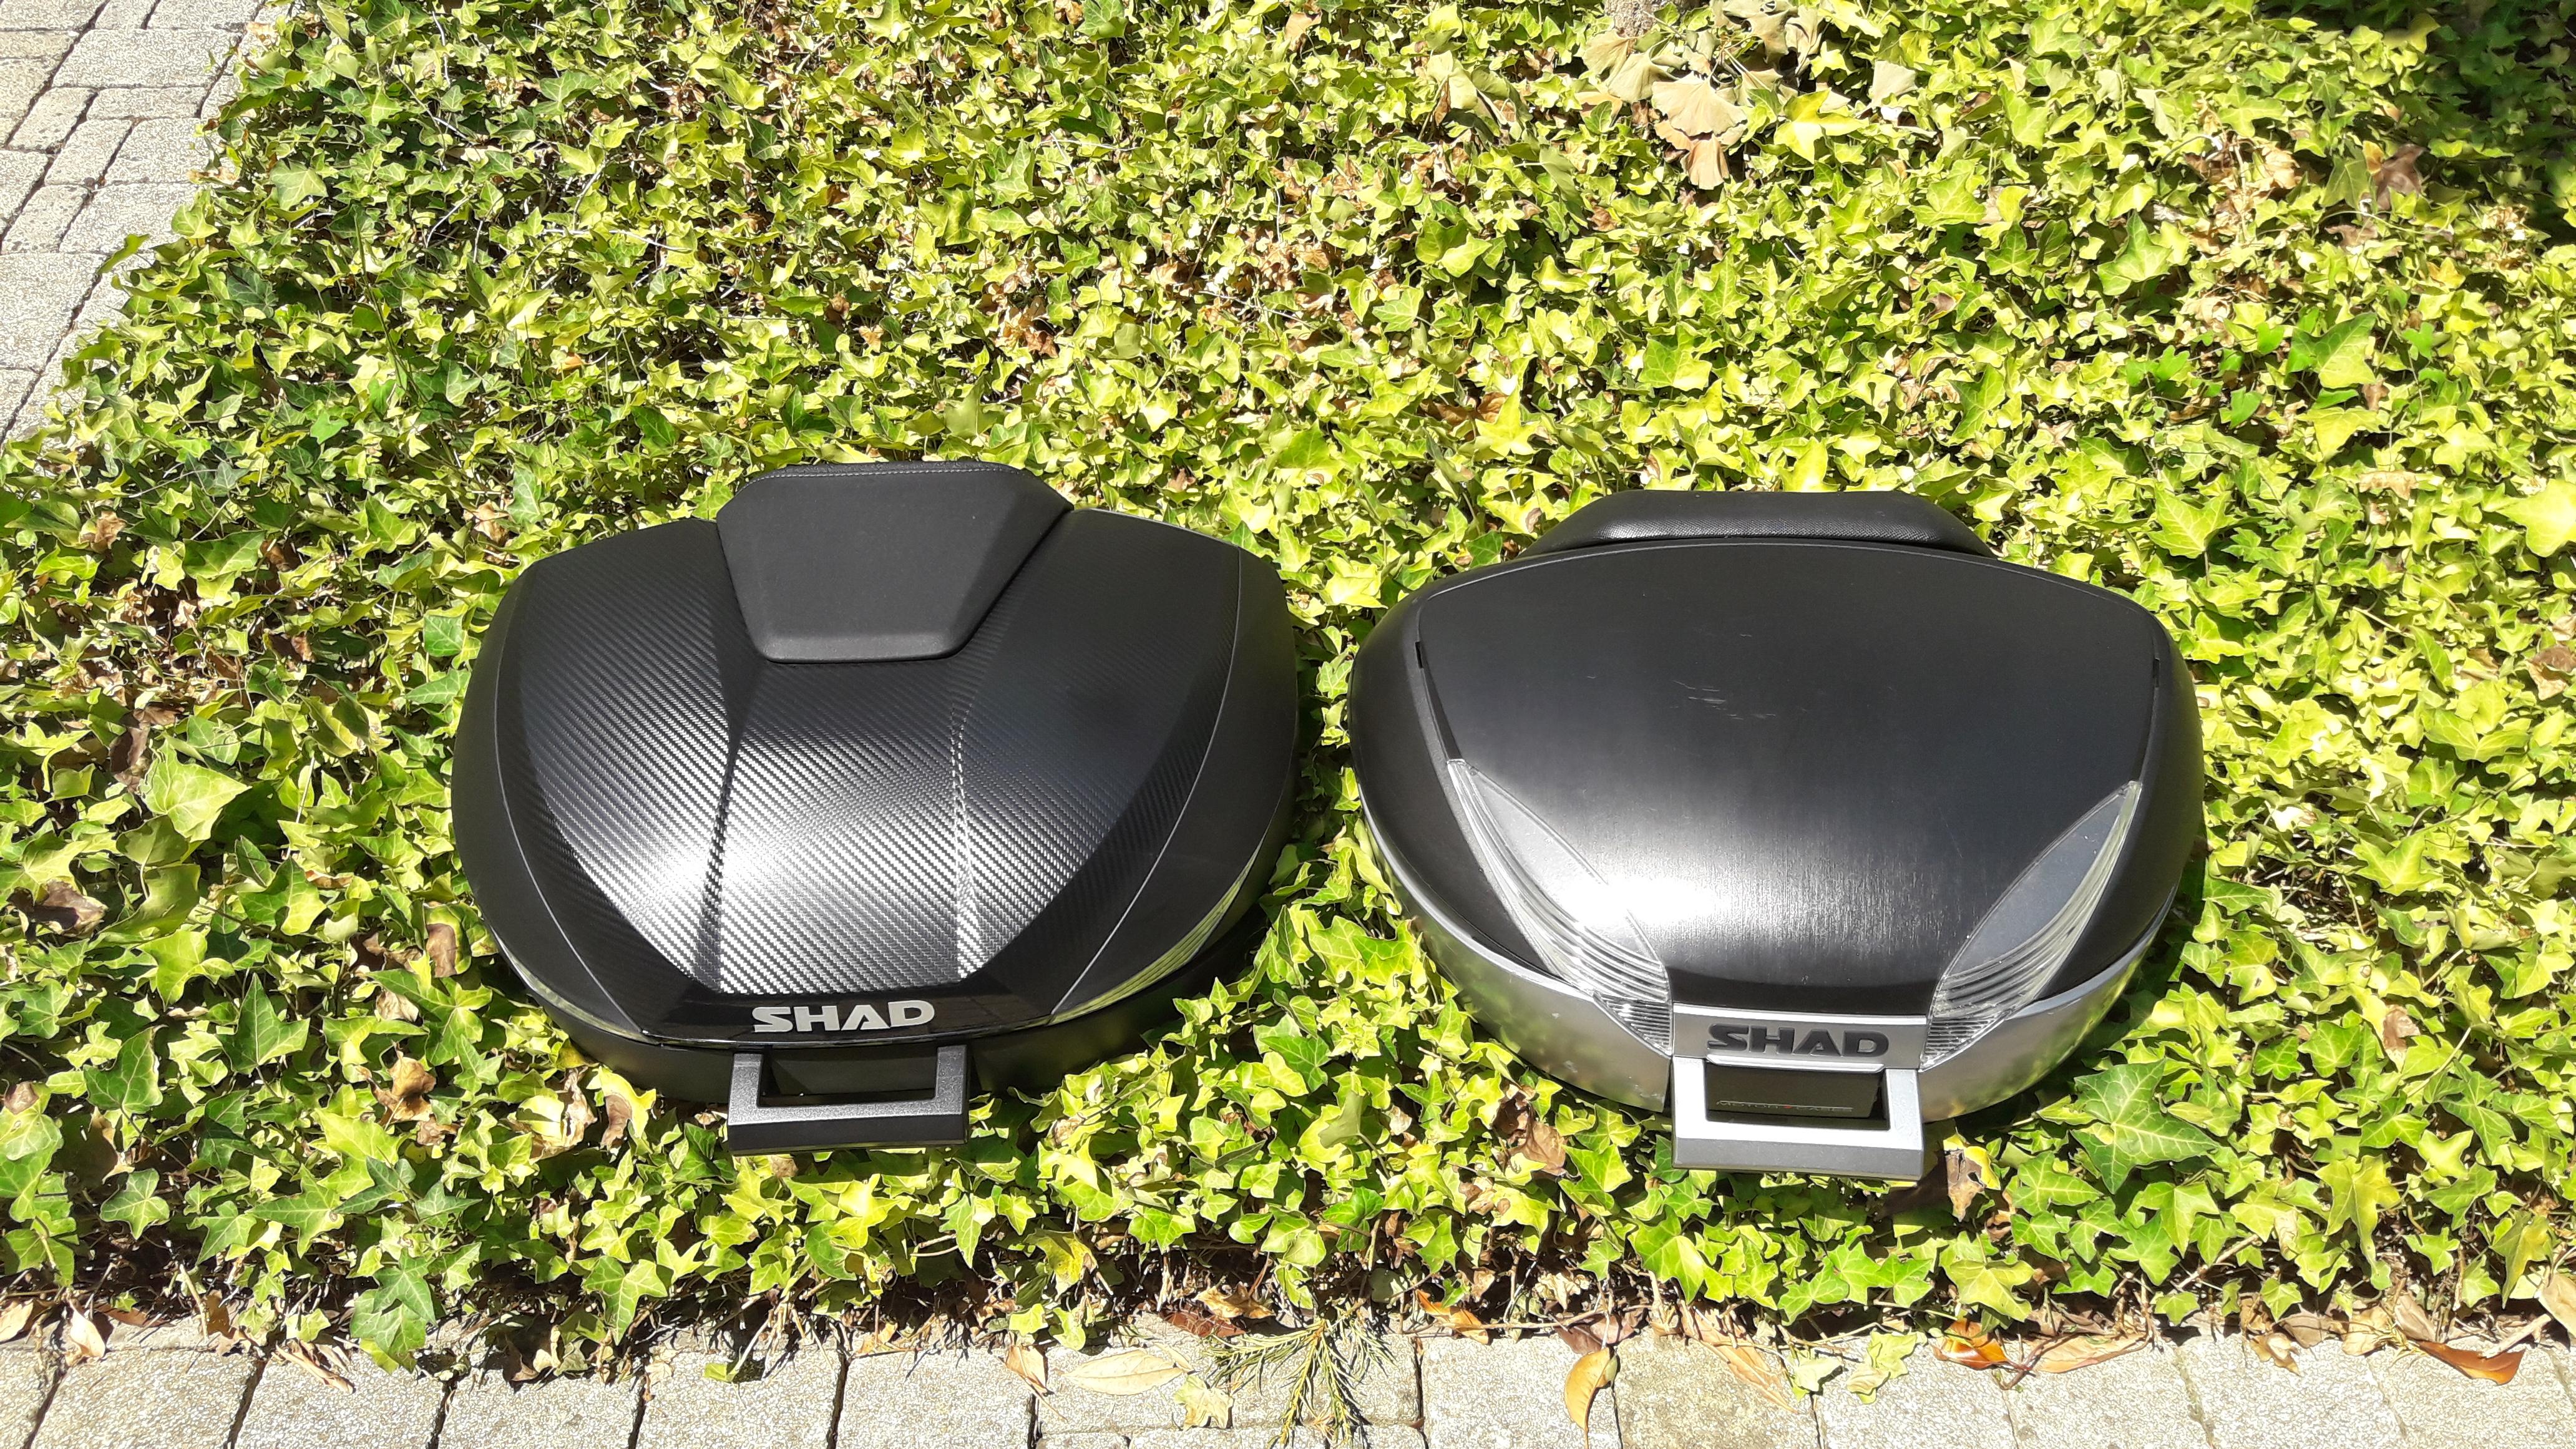 Le top case Shad SH 58X versus le SH 48, du dessus.